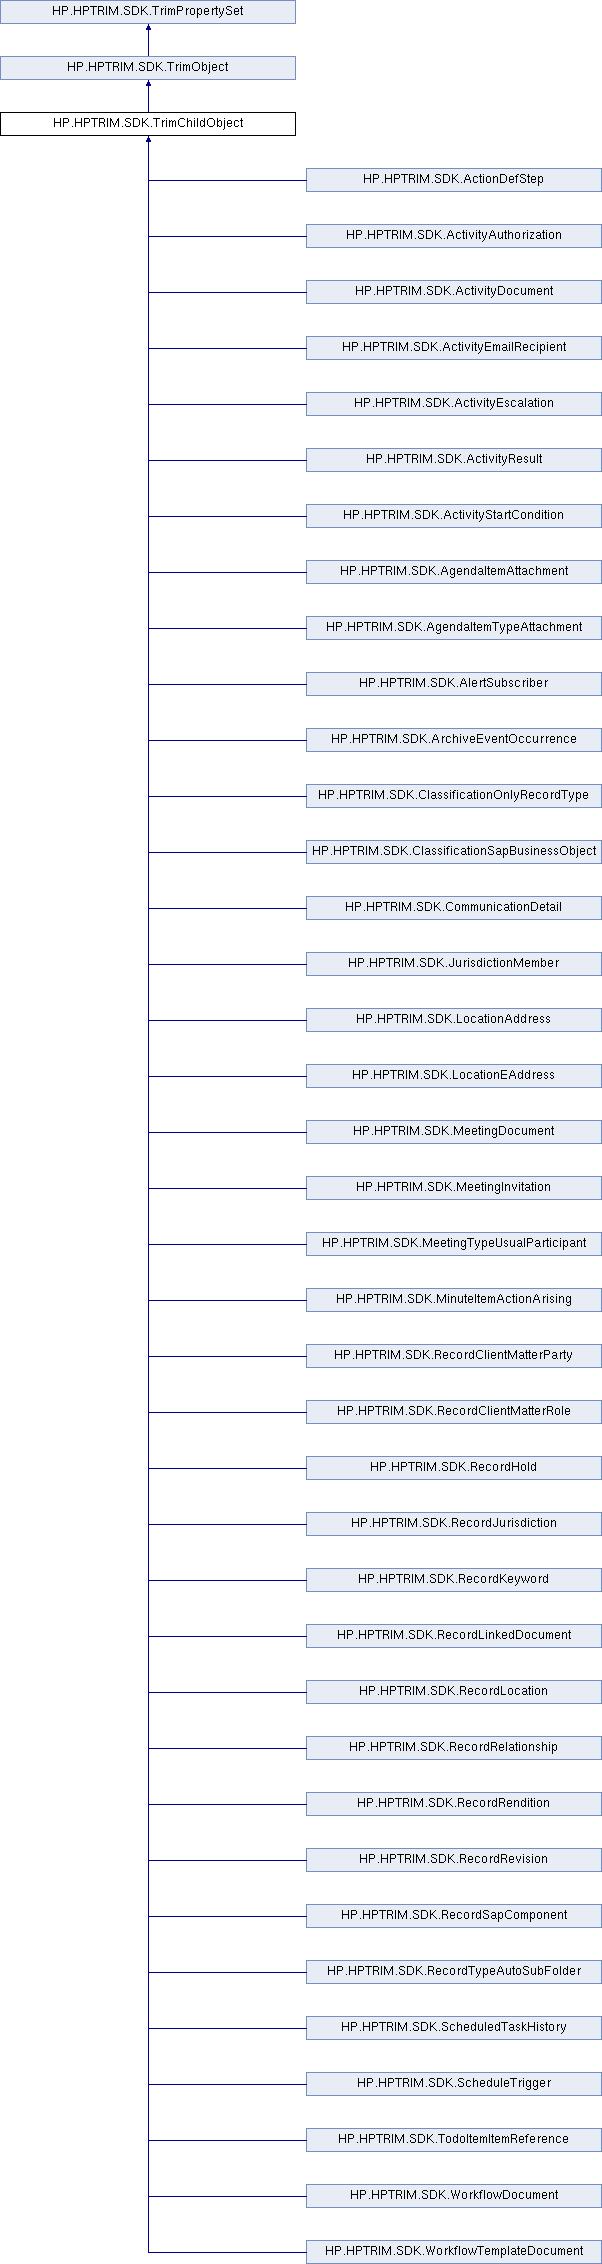 Micro Focus Content Manager SDK 9 3: HP HPTRIM SDK